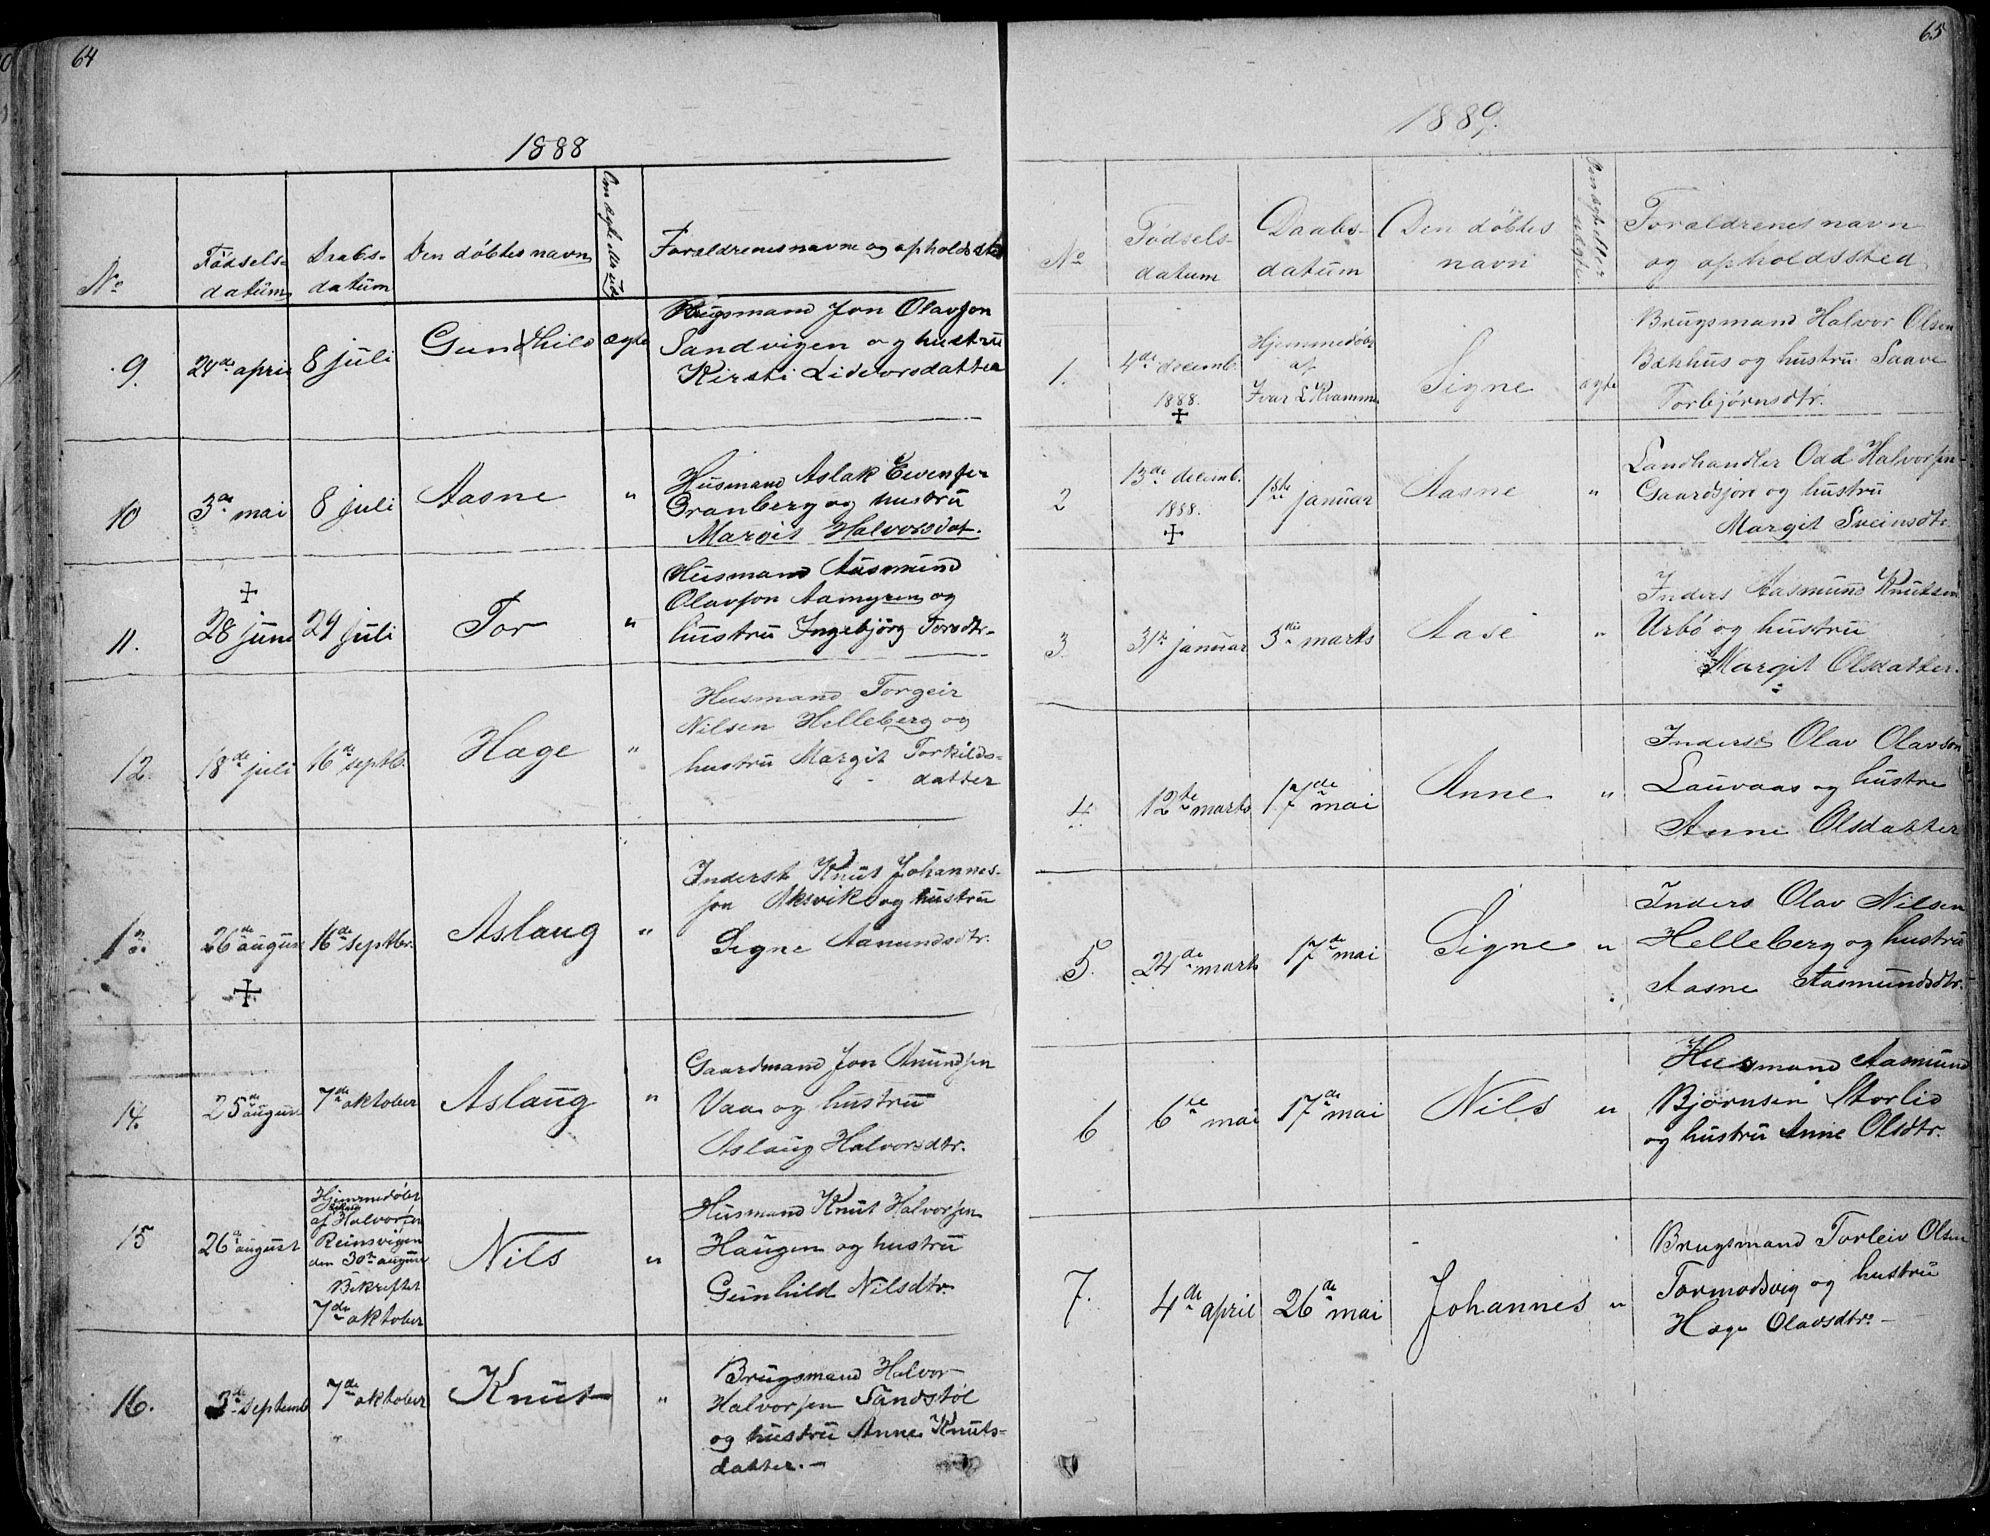 SAKO, Rauland kirkebøker, G/Ga/L0002: Klokkerbok nr. I 2, 1849-1935, s. 64-65